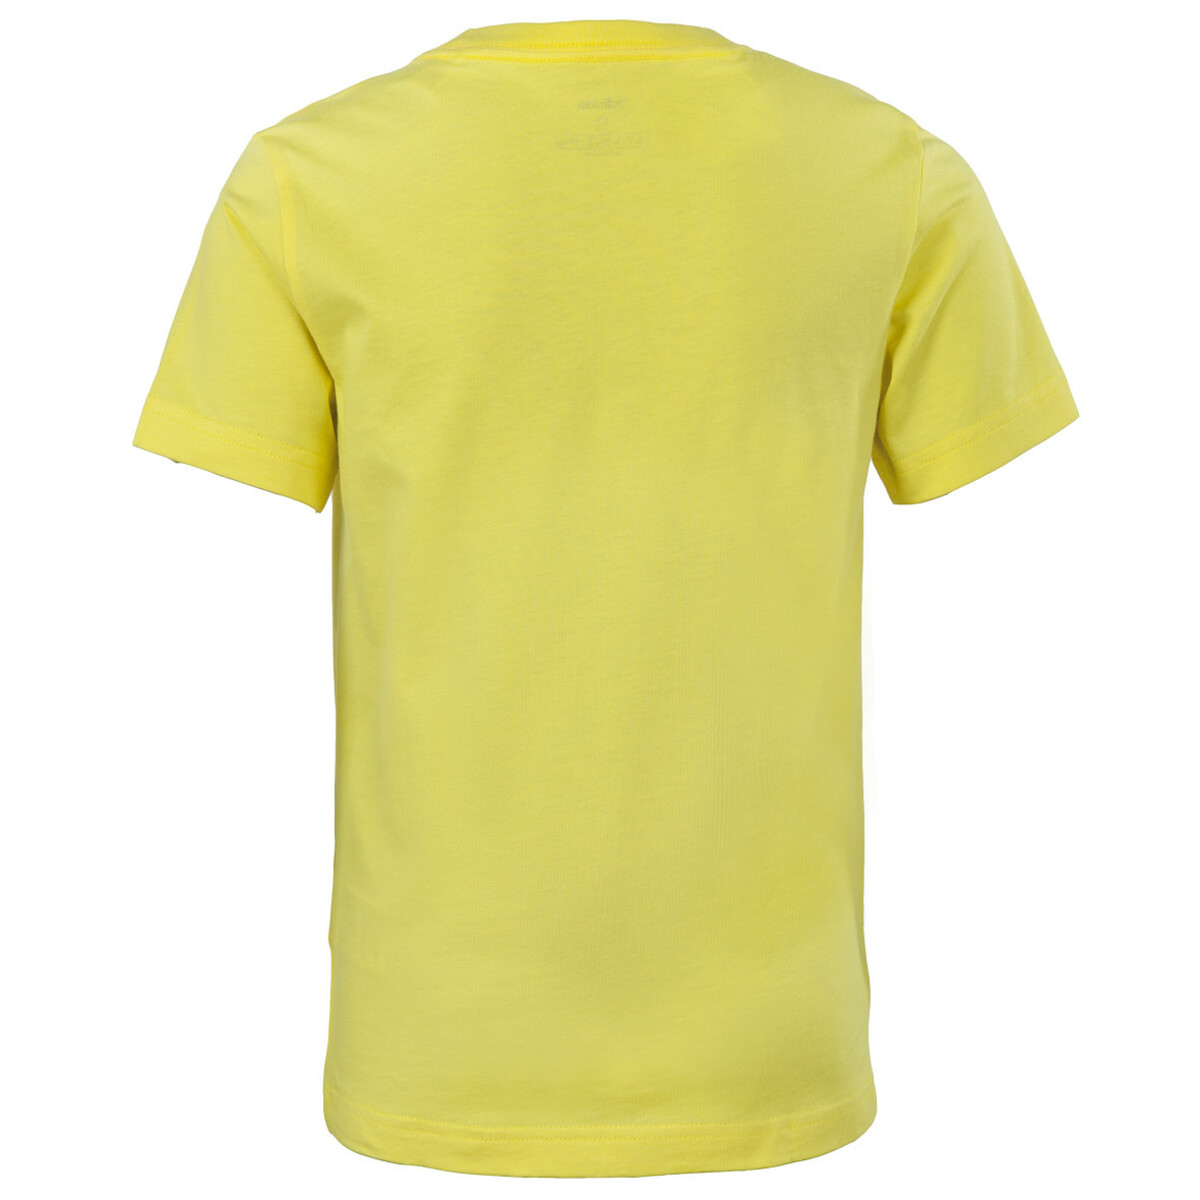 Bild 2 von Kinder Sport Shirt mit Logo